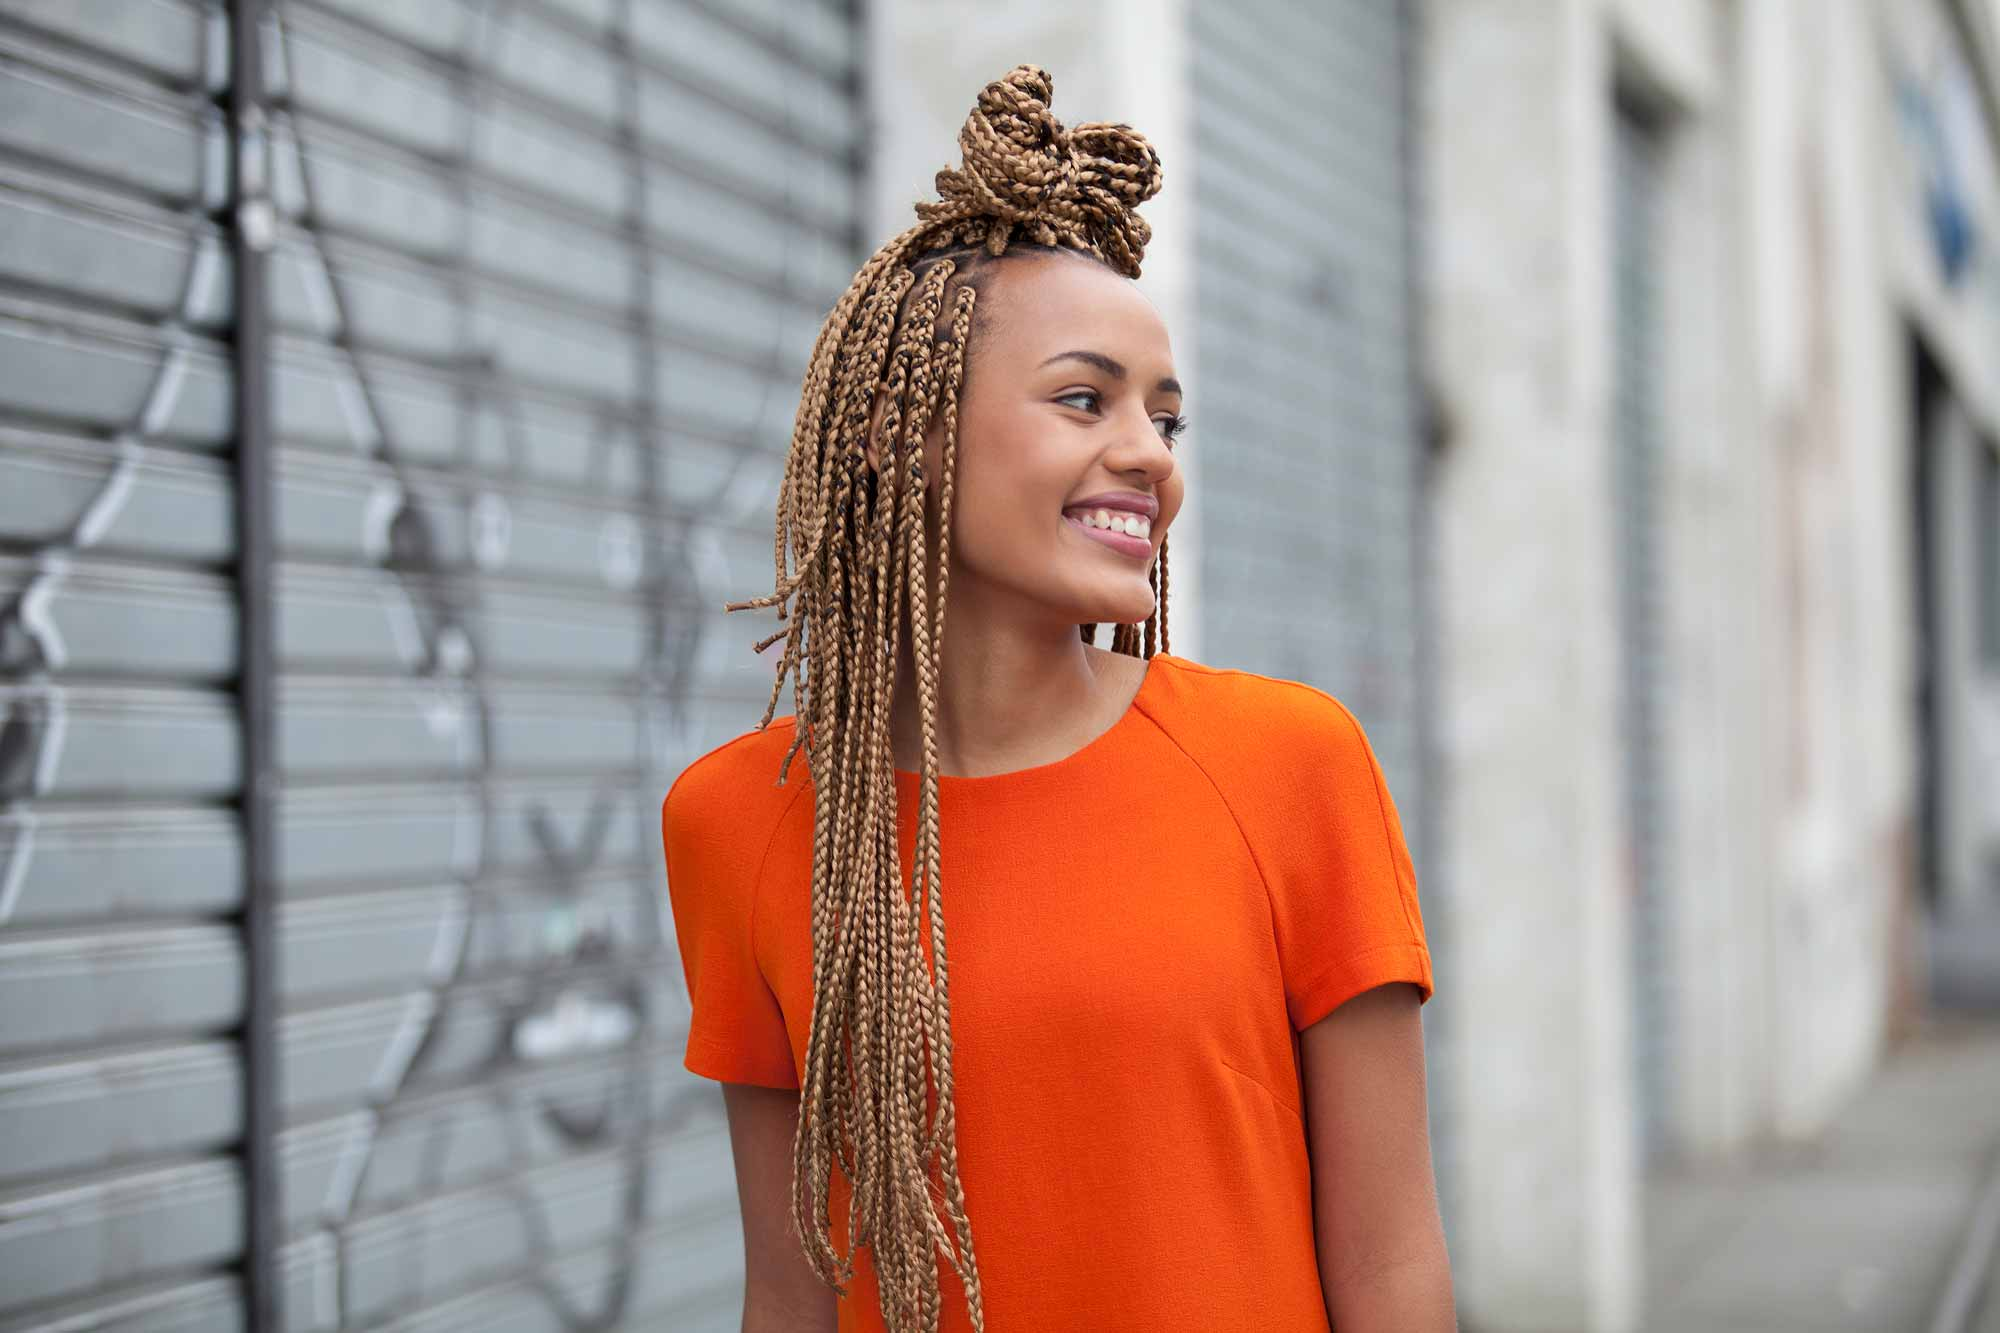 Tranças afros - Origem, tipos, como são feitas e como cuidar das tranças